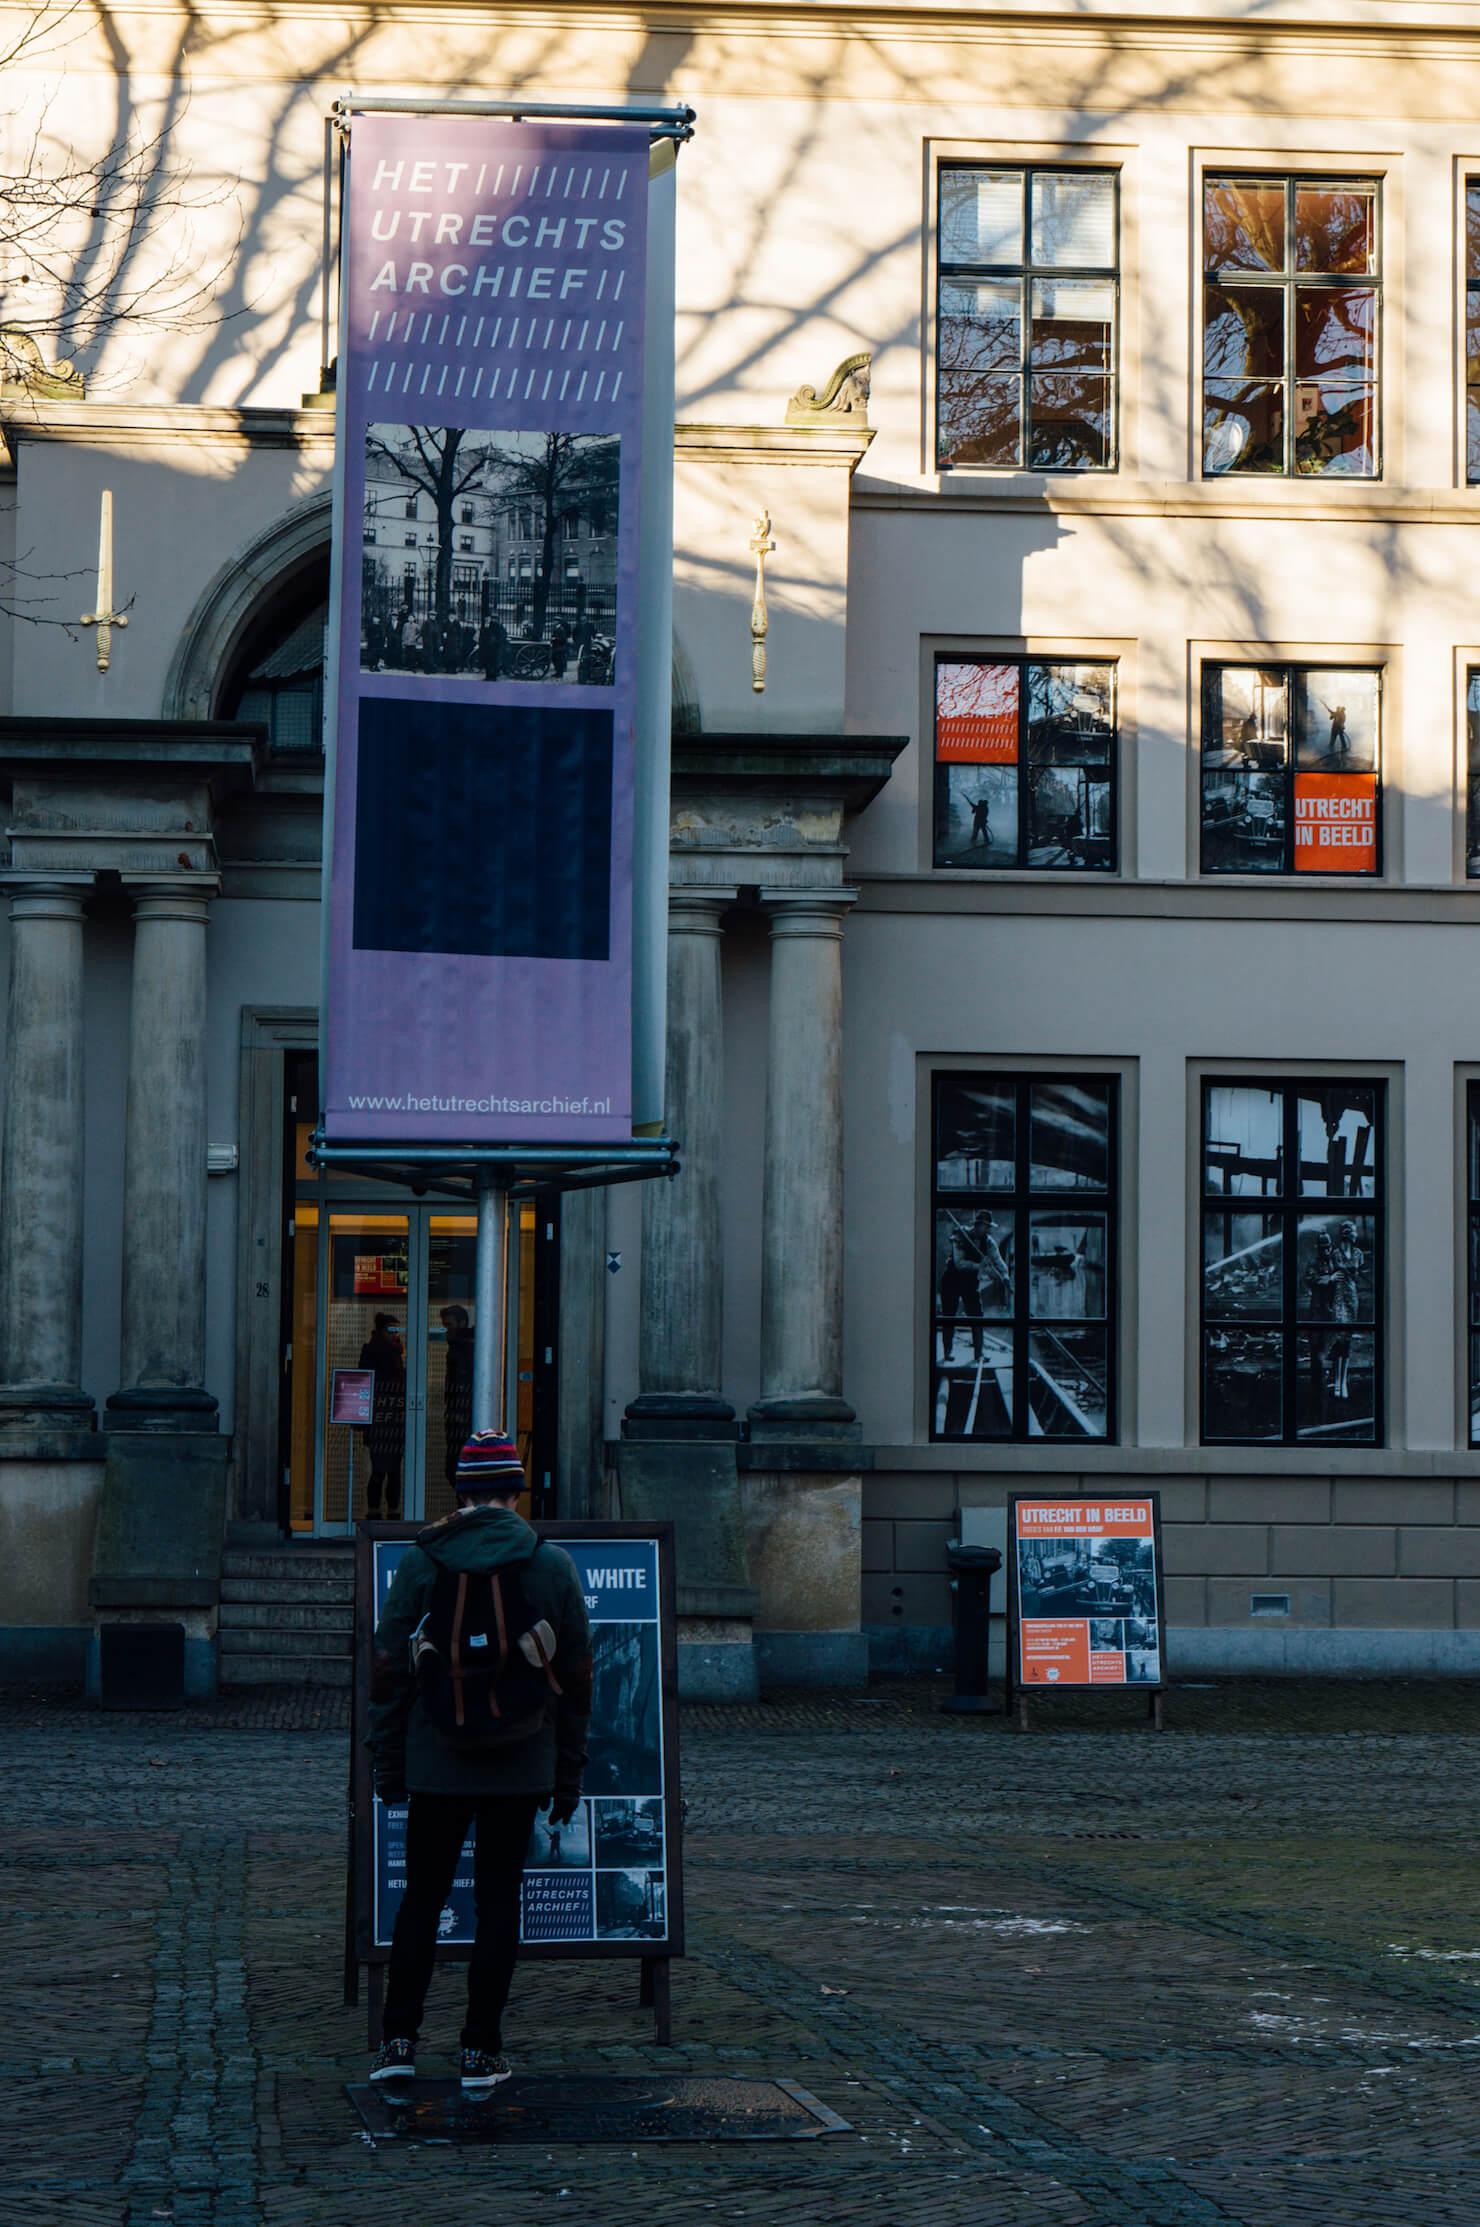 Utrecht in Beeld